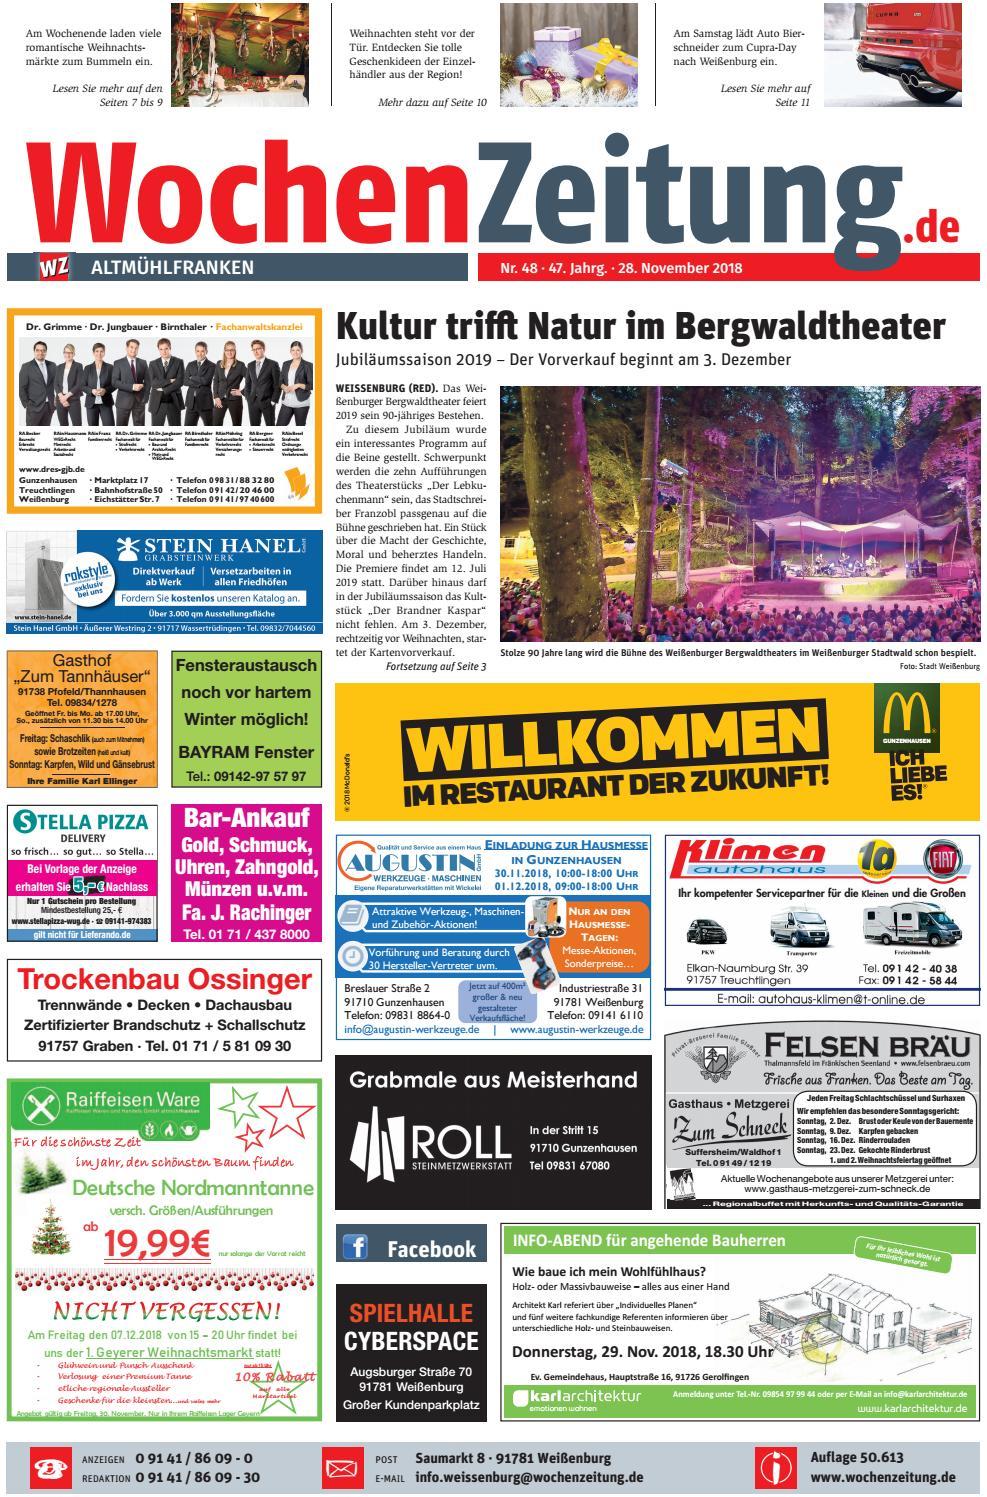 Wochenzeitung Altmühlfranken Kw 4818 By Wochenzeitung